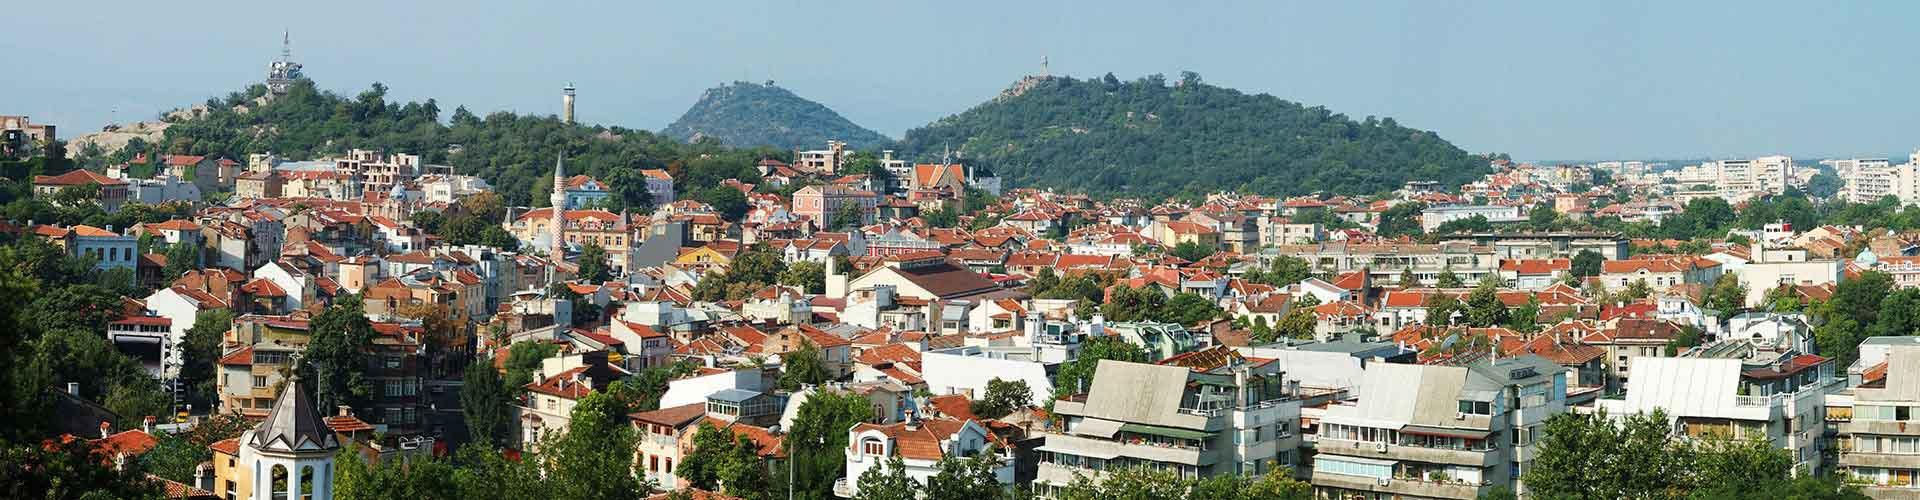 Plovdiv - Campamentos en el distrito Hadji Hasan Mahala. Mapas de Plovdiv, Fotos y comentarios de cada Campamento en Plovdiv.